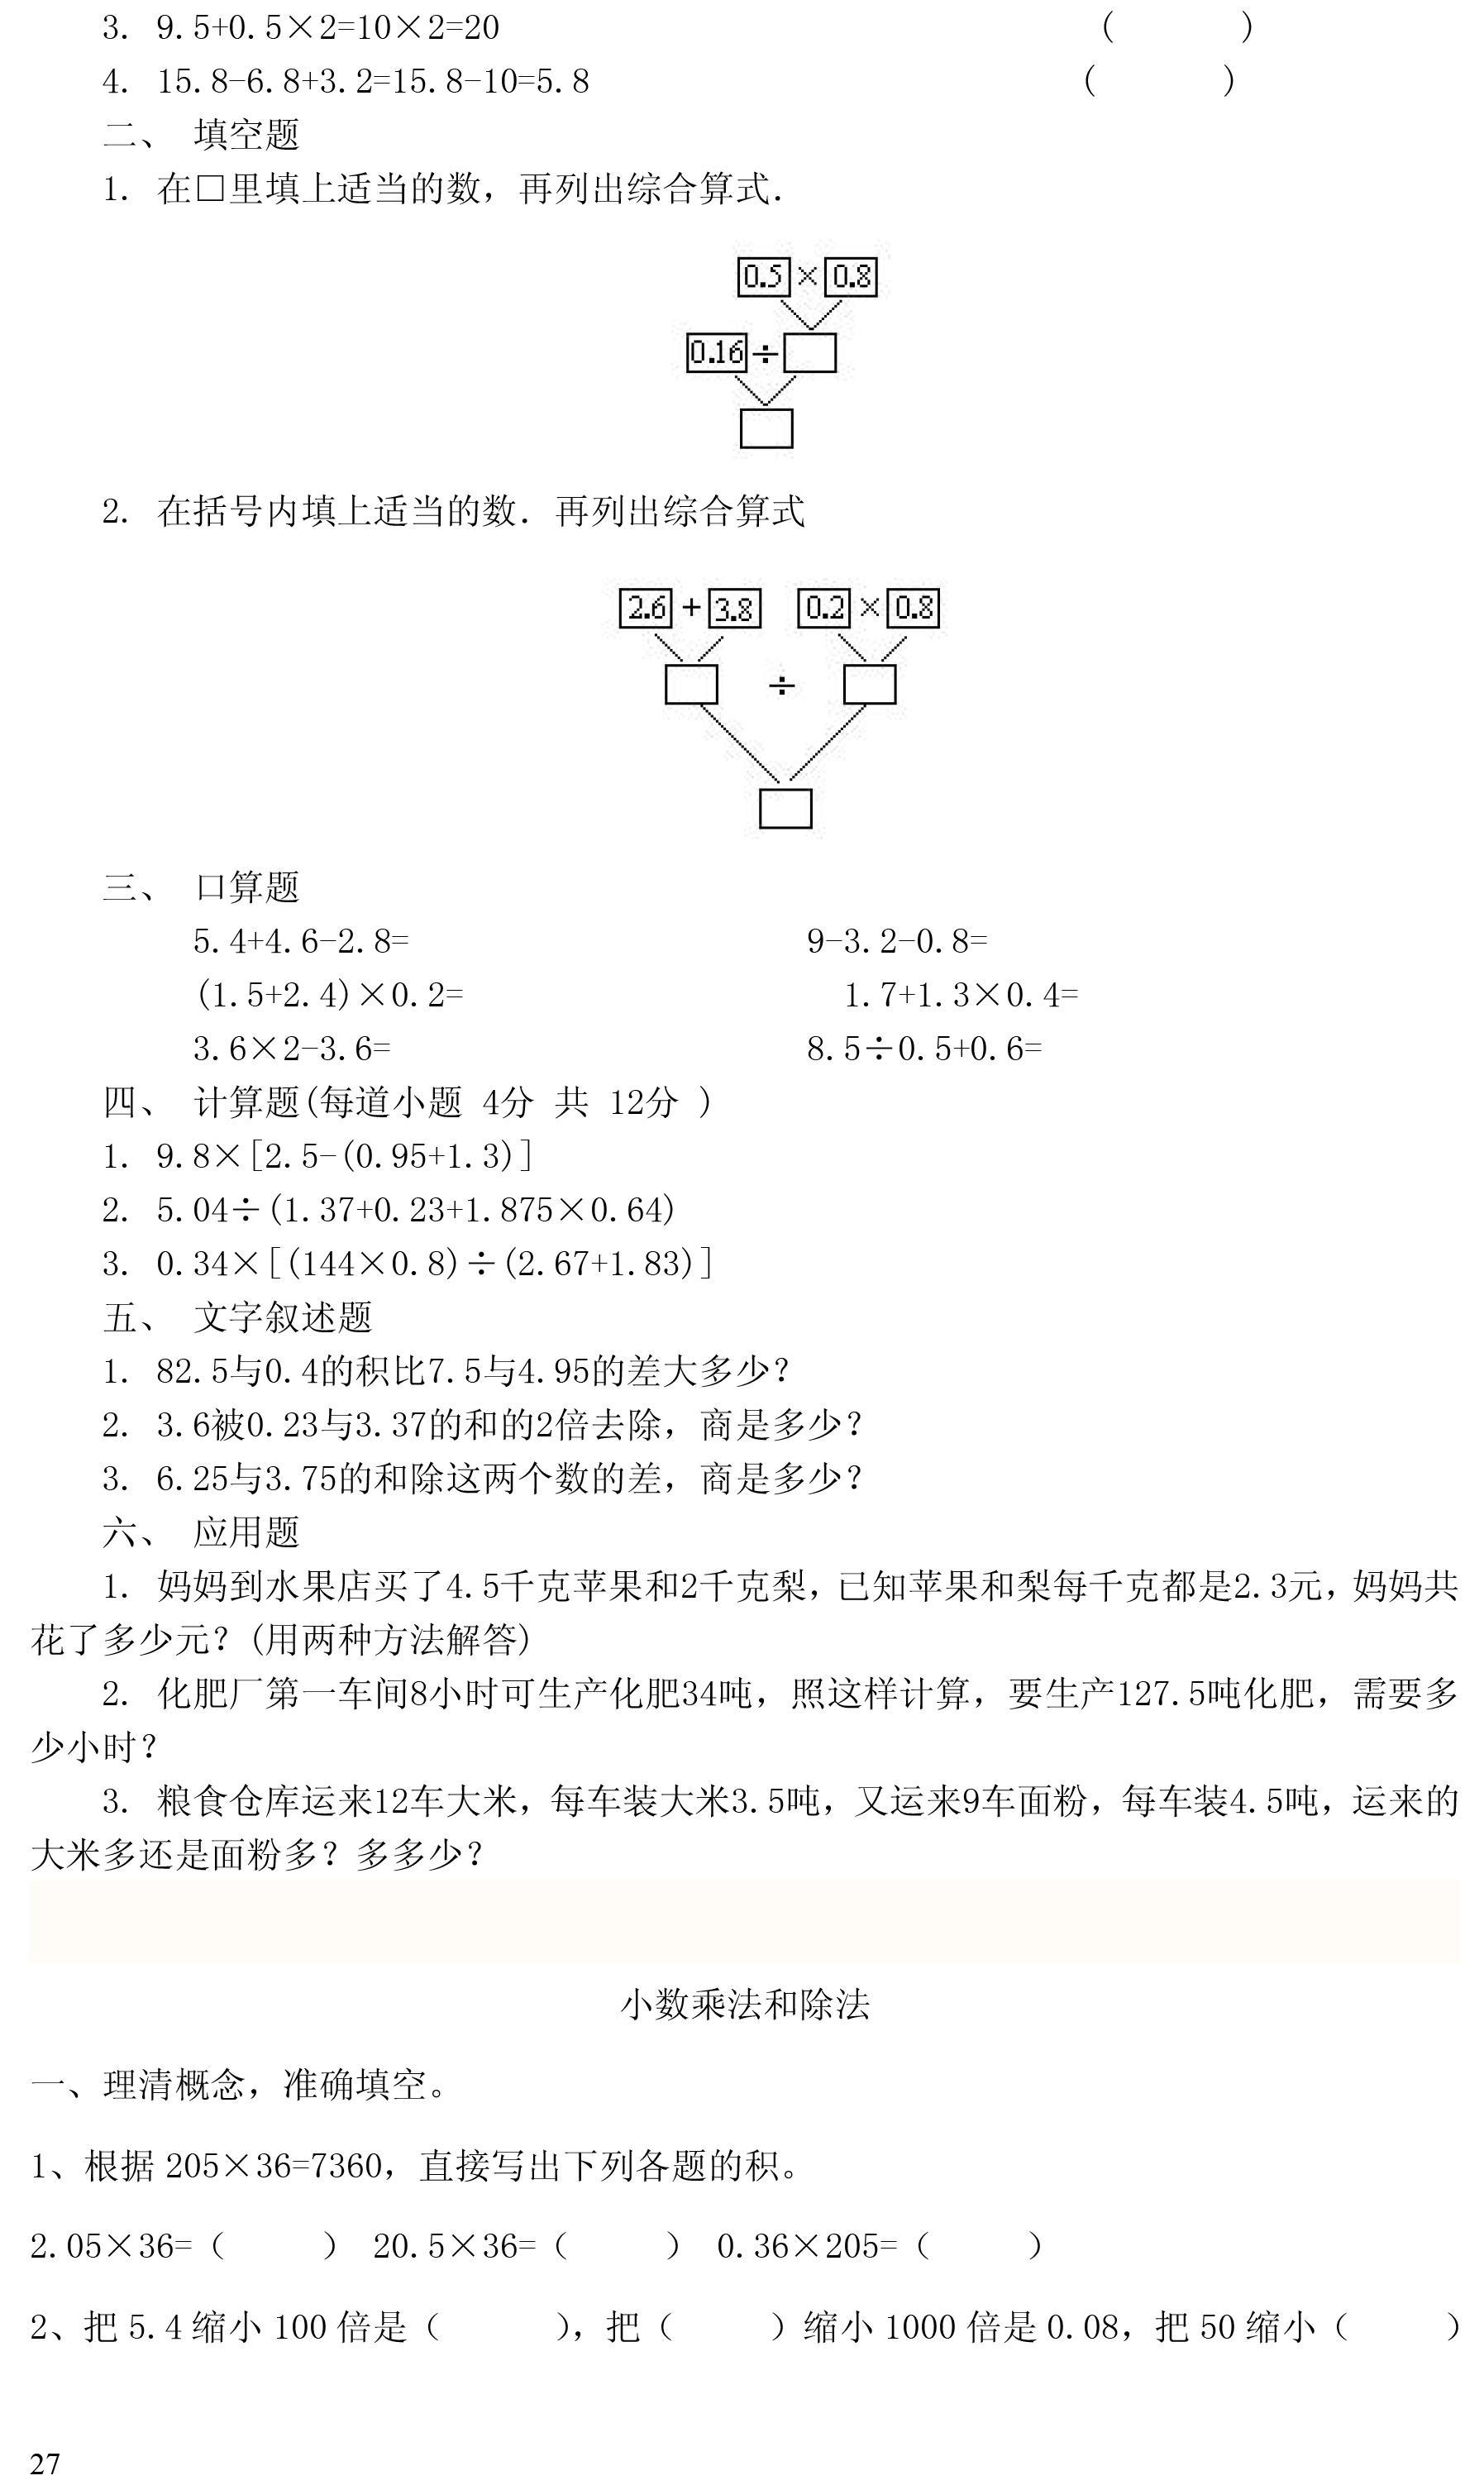 【课本预习】苏教版五年级上册数学知识点——小数乘法和除法(2)